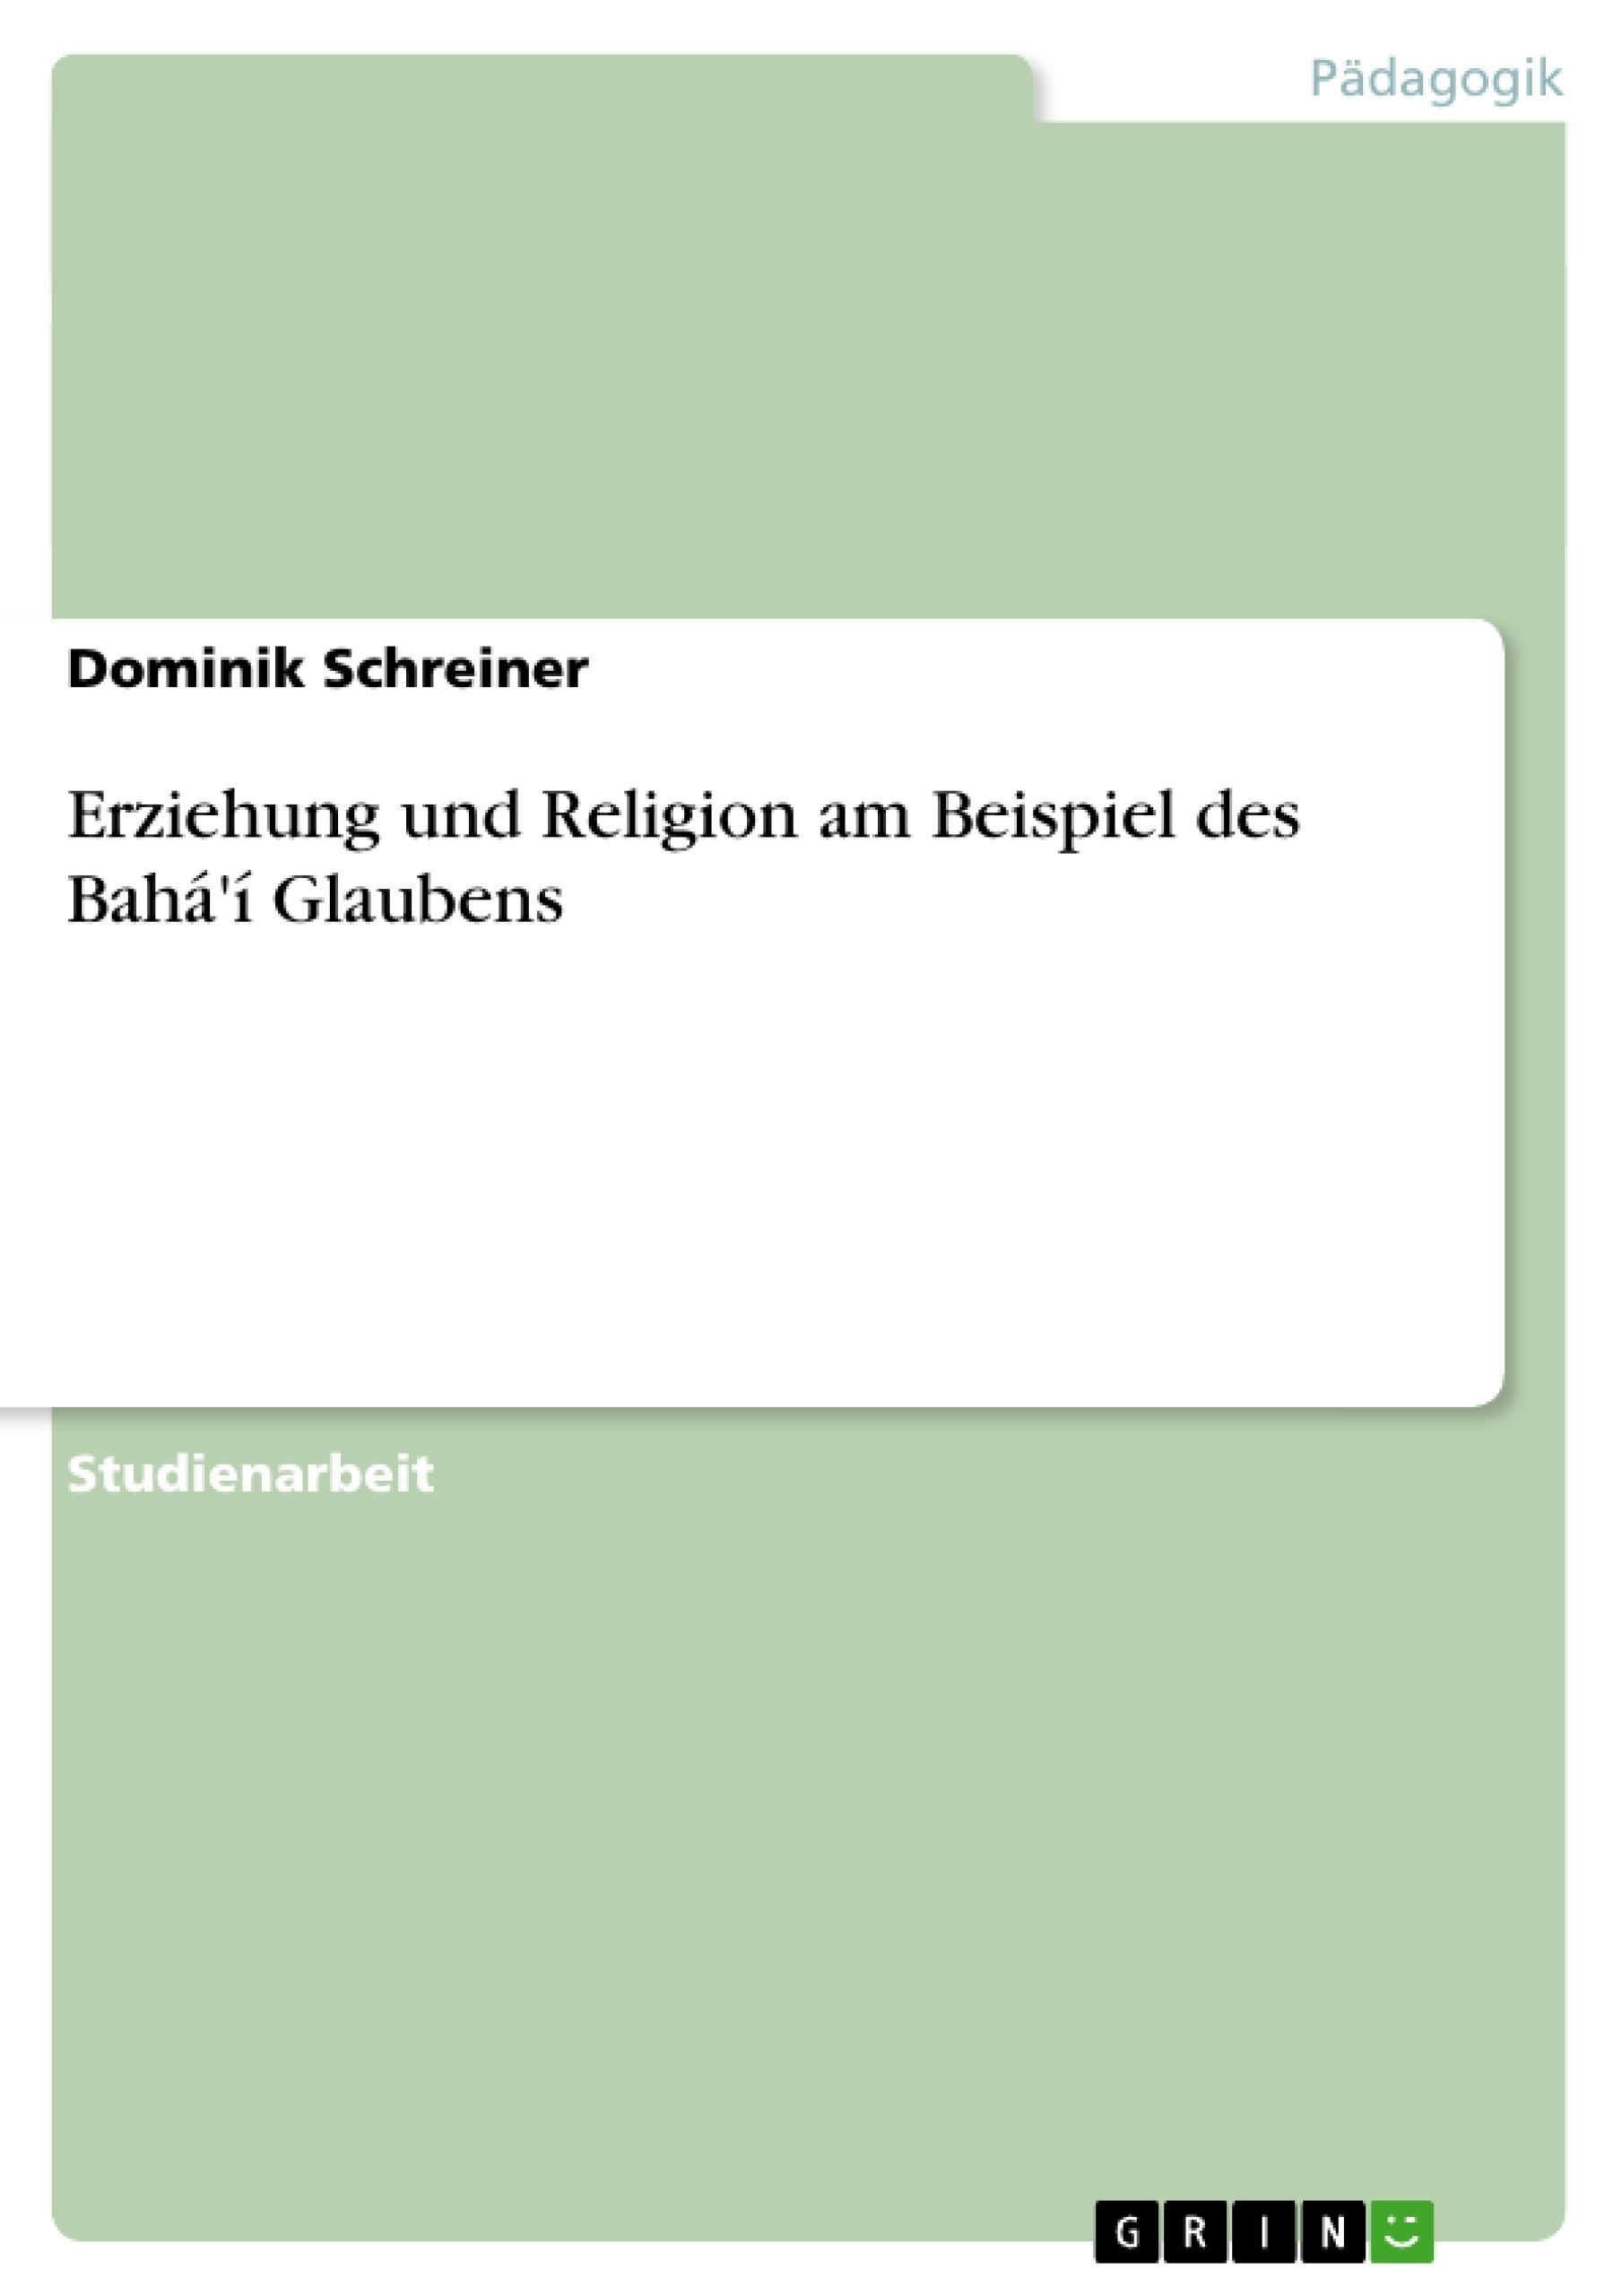 Titel: Erziehung und Religion am Beispiel des Bahá'í Glaubens